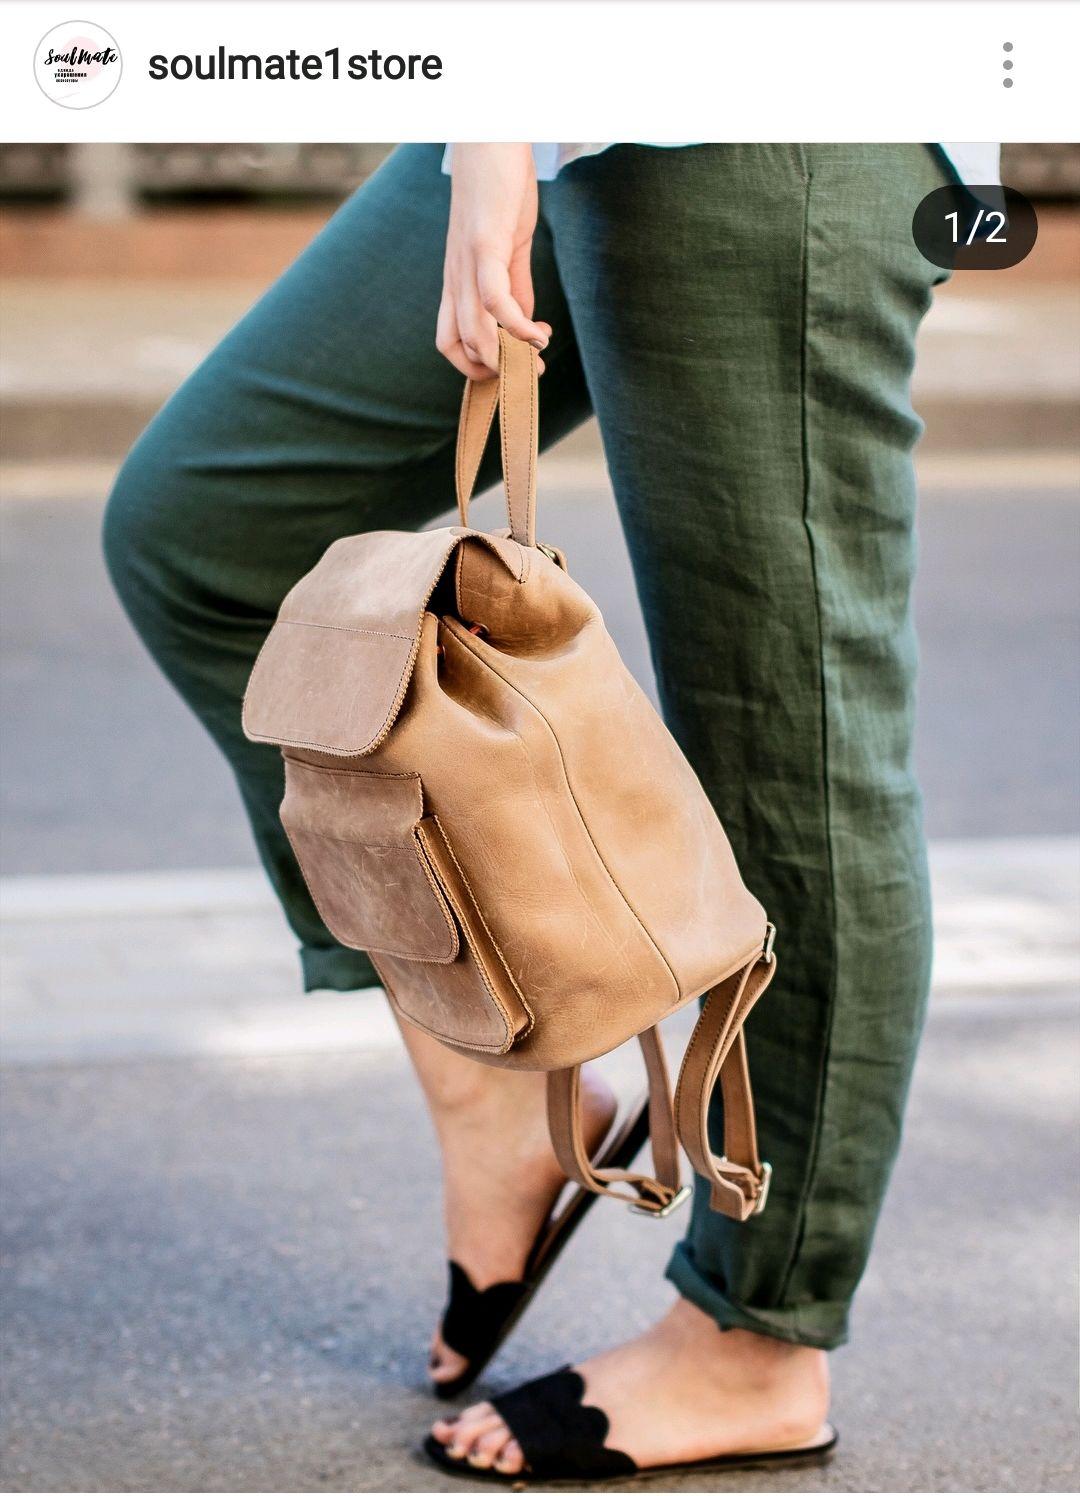 b527e83b4f32 Рюкзаки ручной работы. Ярмарка Мастеров - ручная работа. Купить Женский  рюкзак  Капучино  ...